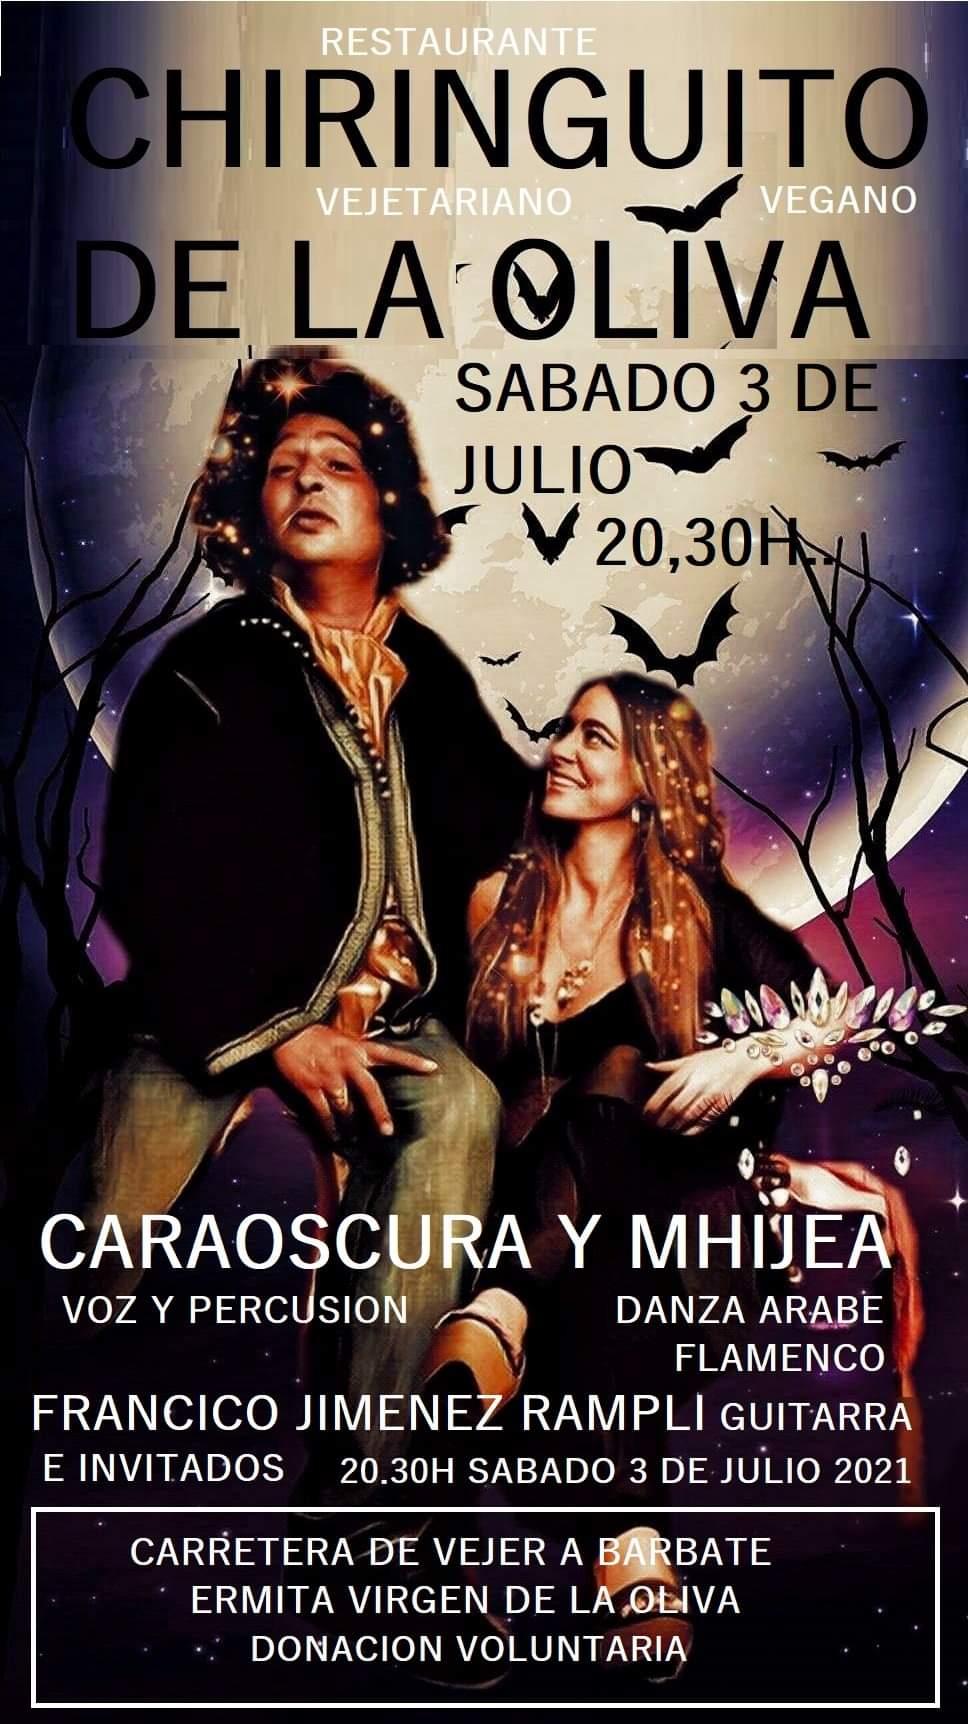 Actuación de Caraoscura y Mhijea en el chiringuito de La Oliva